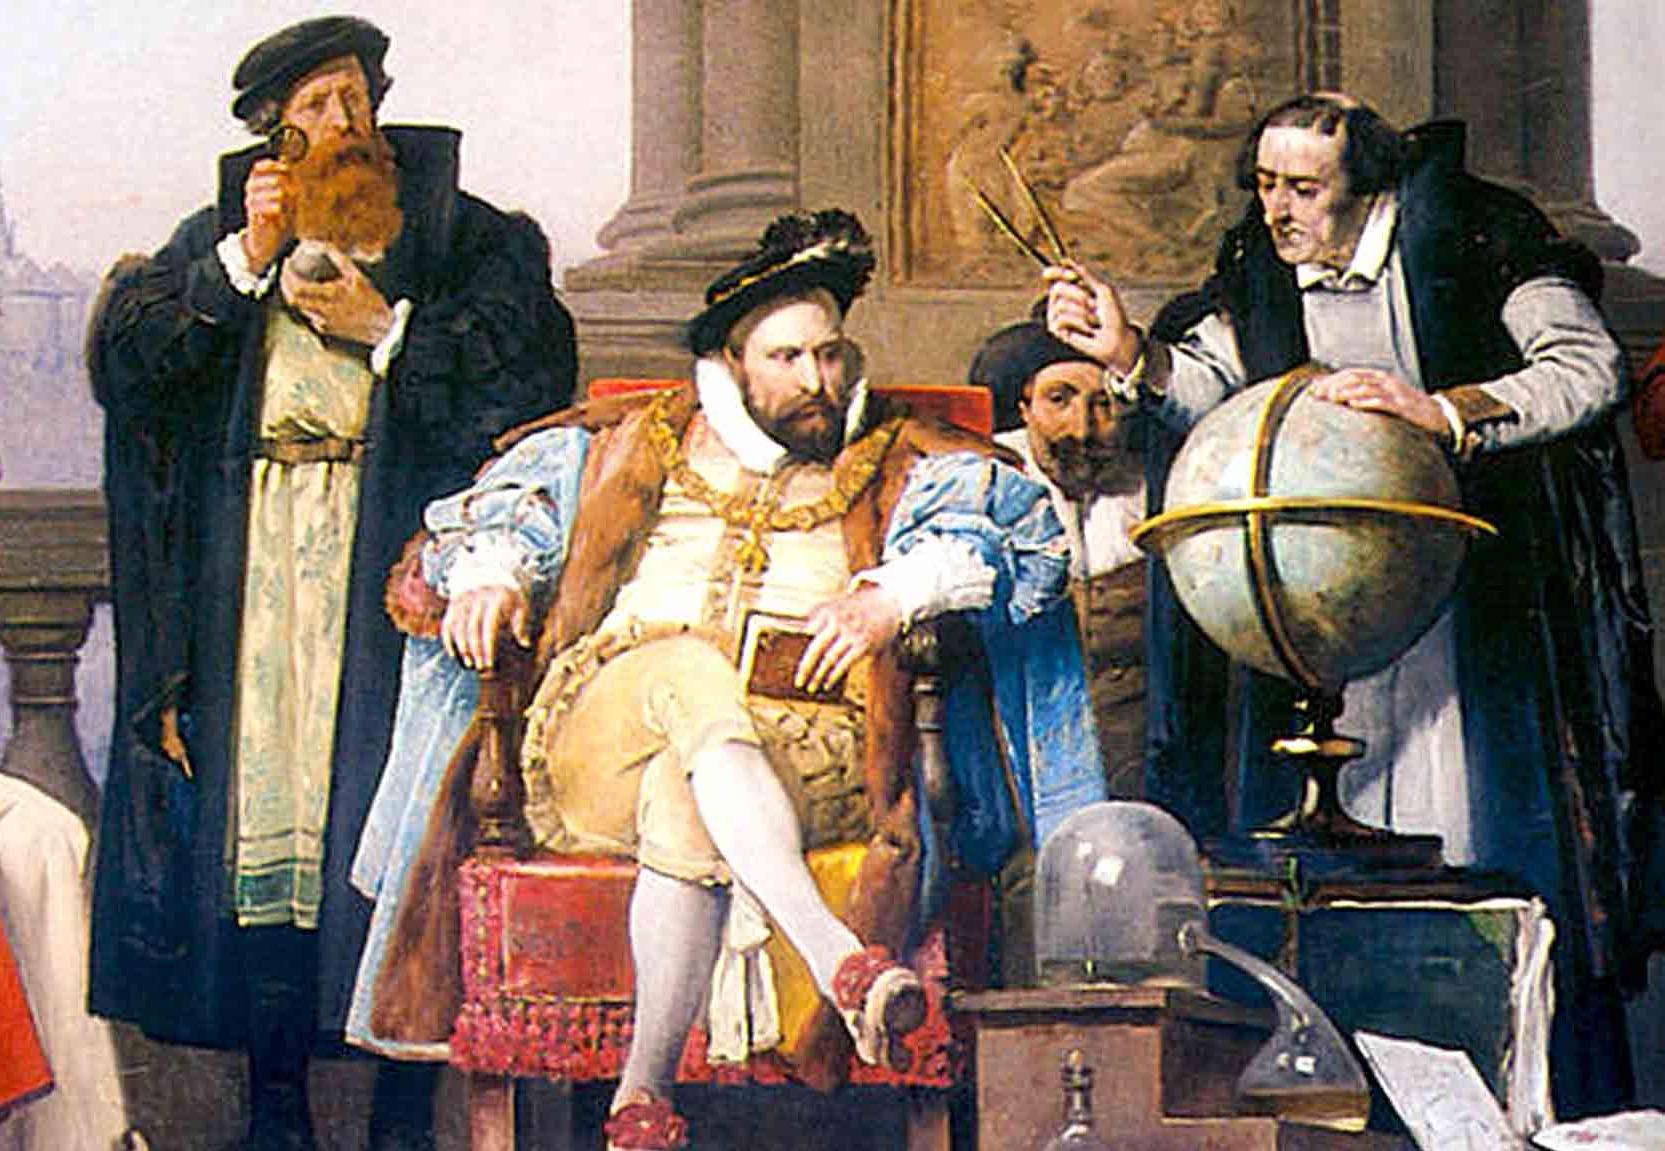 Prokletí alchymisté a hvězdáři Rudolfa II. preview image